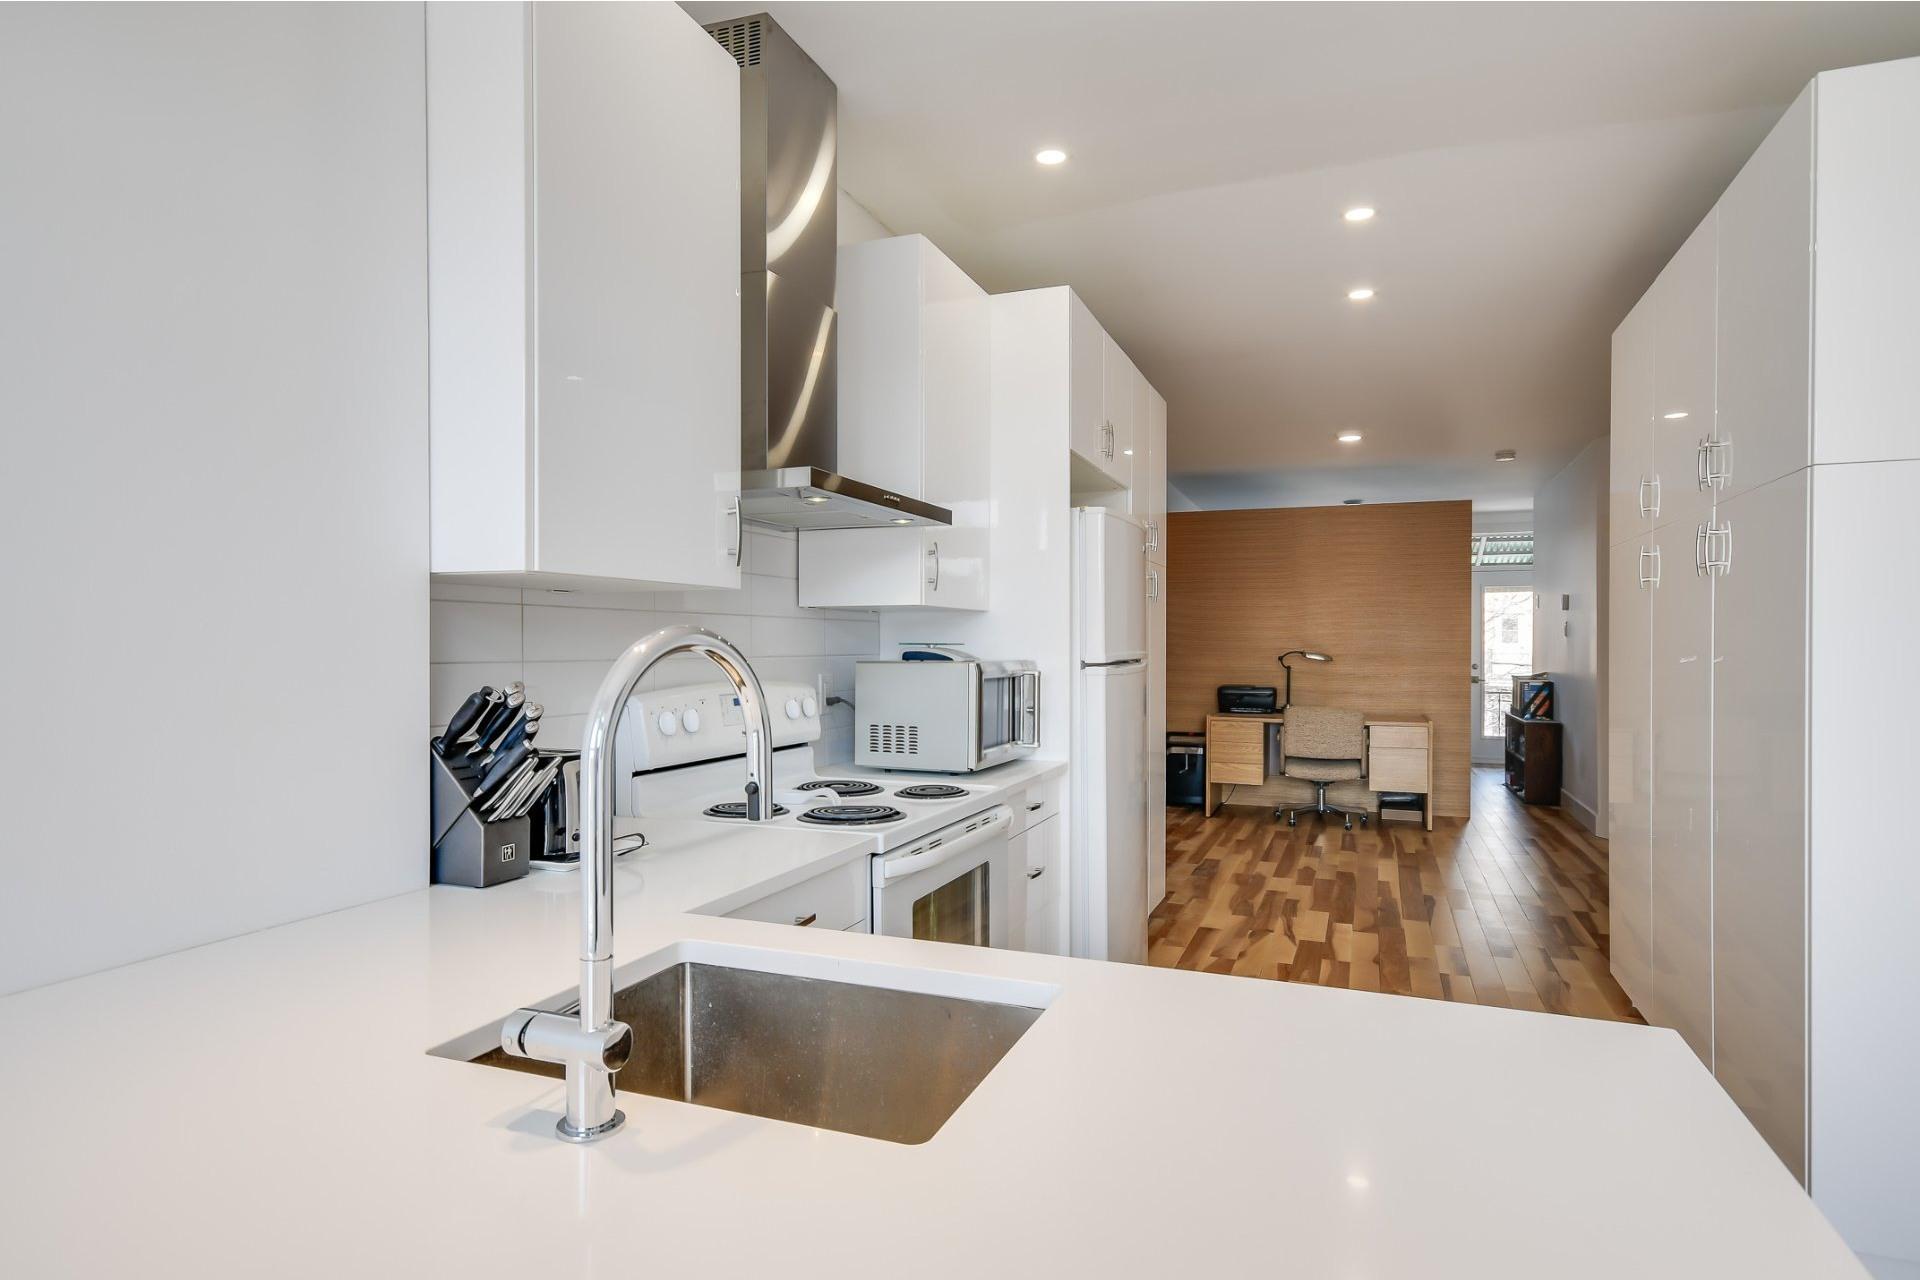 image 5 - Apartment For sale Rosemont/La Petite-Patrie Montréal  - 4 rooms